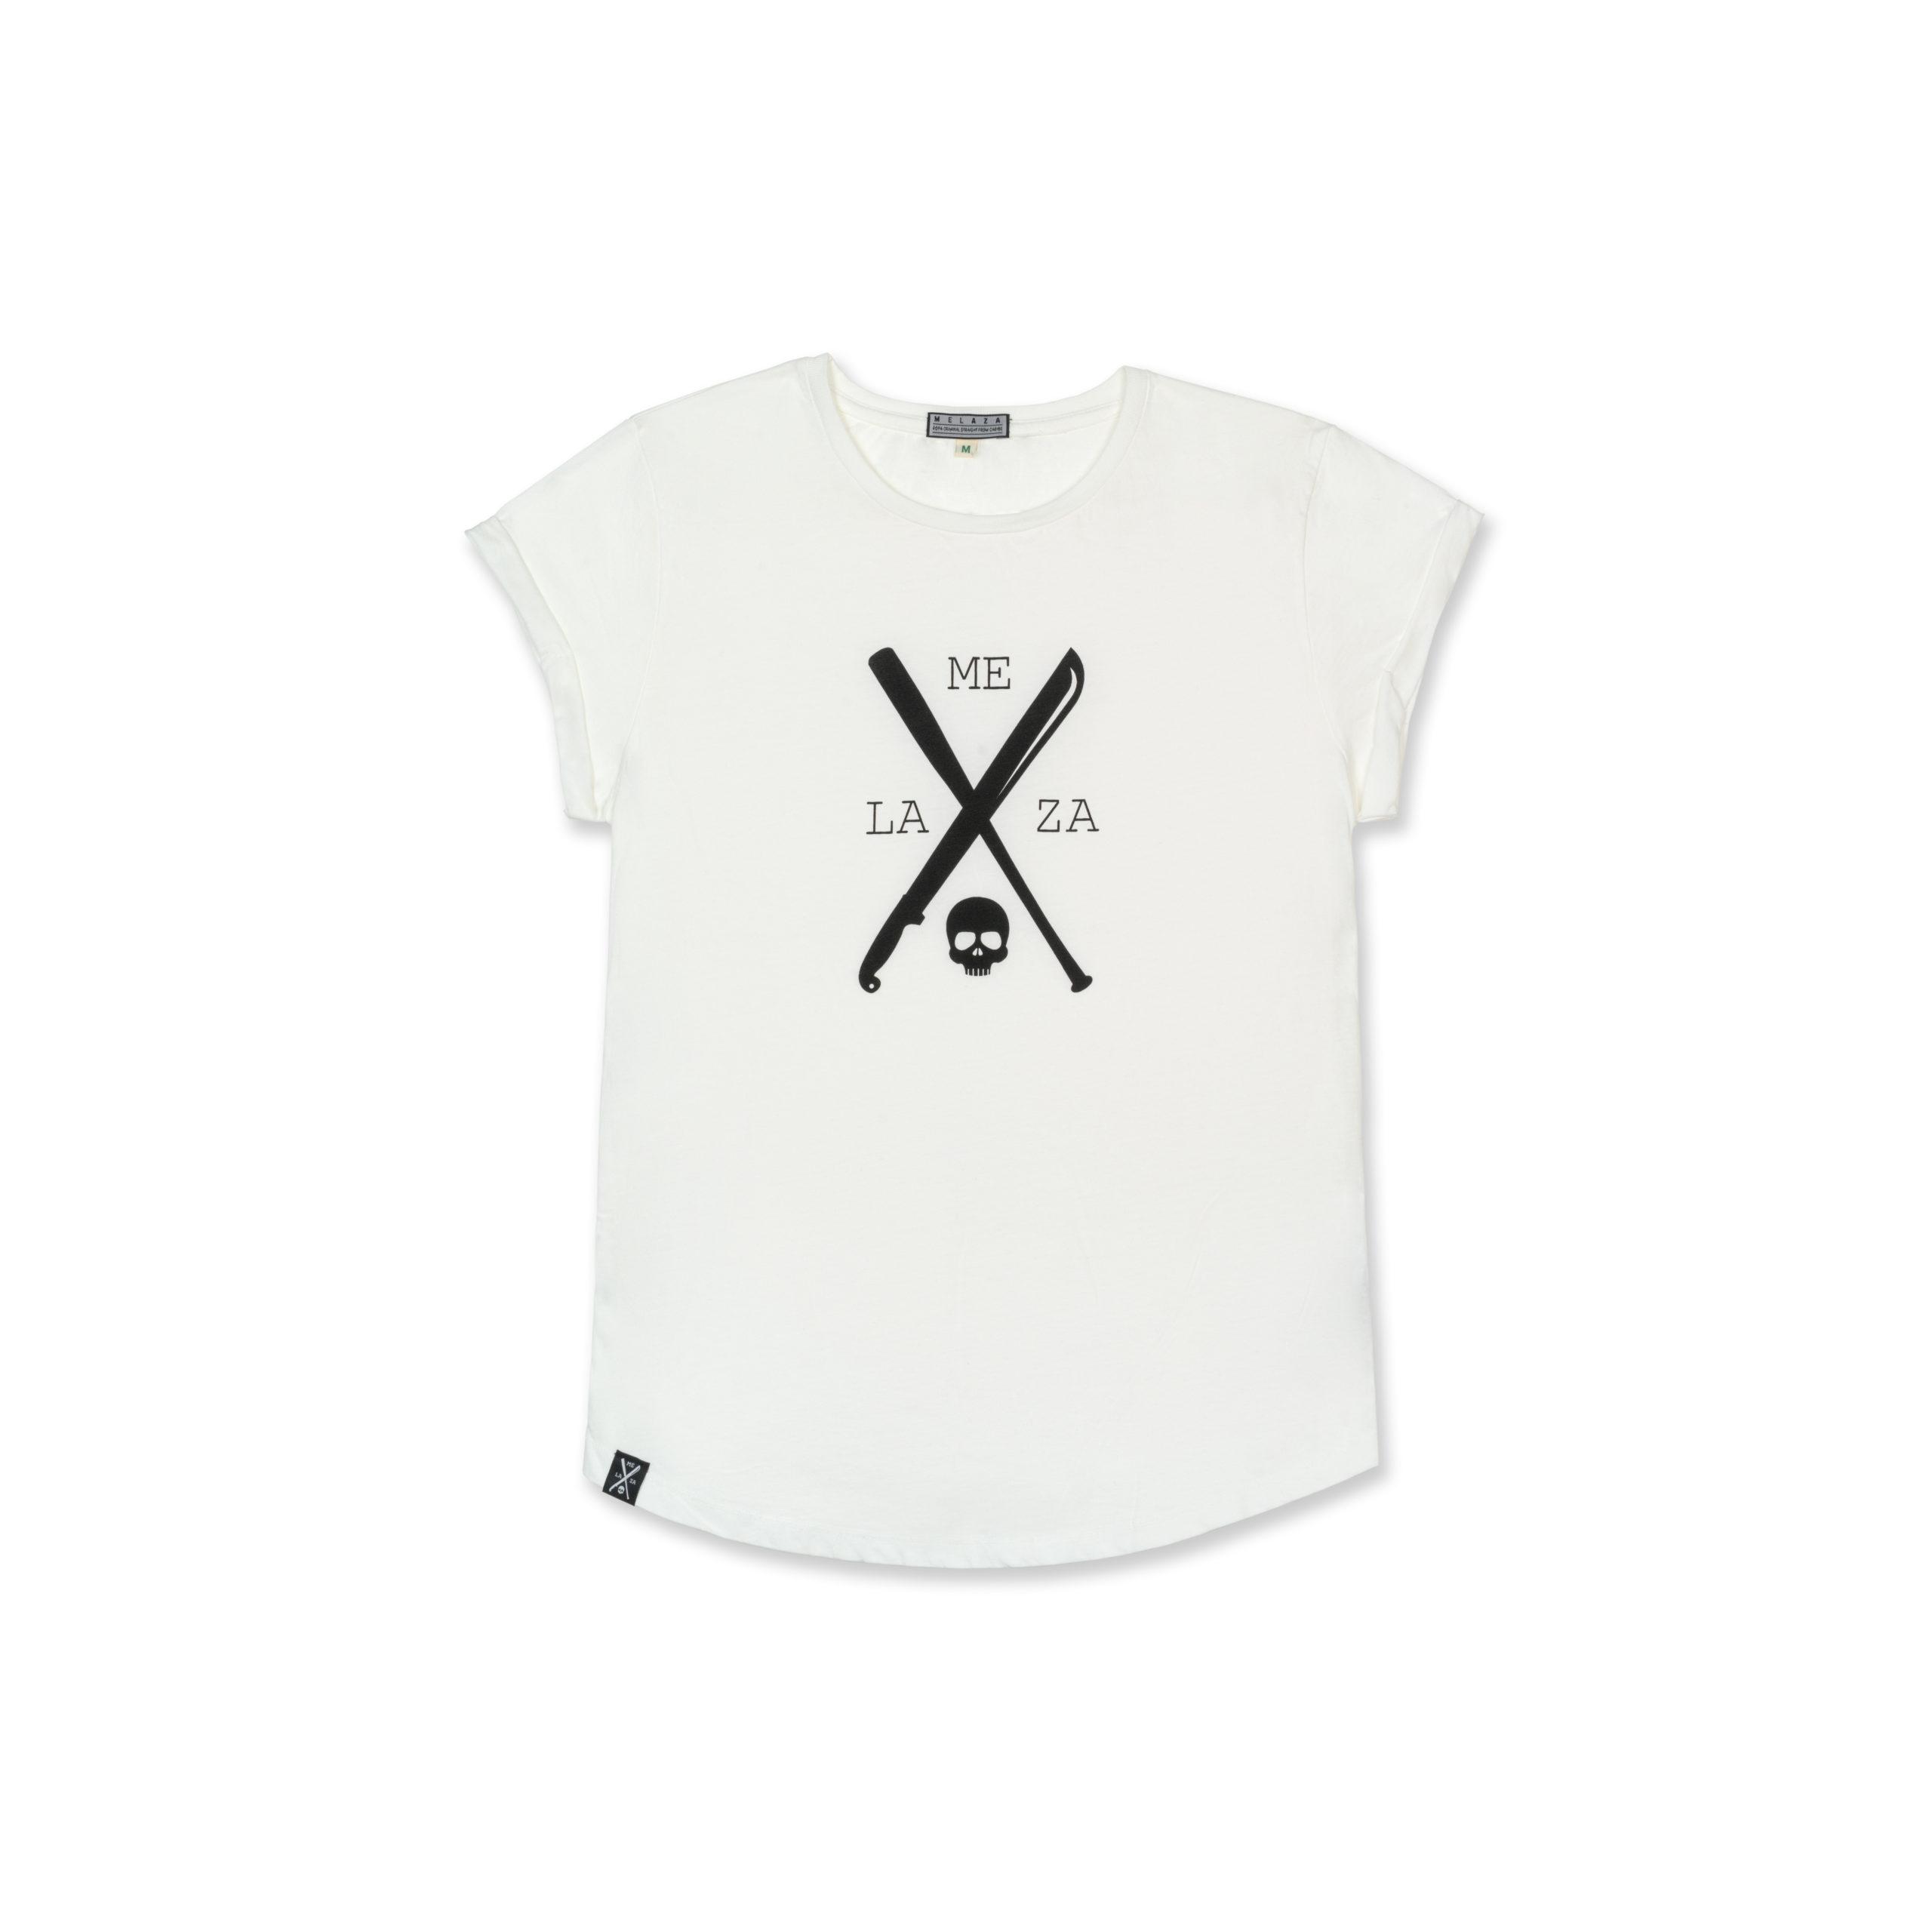 """Camiseta mujer """"Melaza"""""""